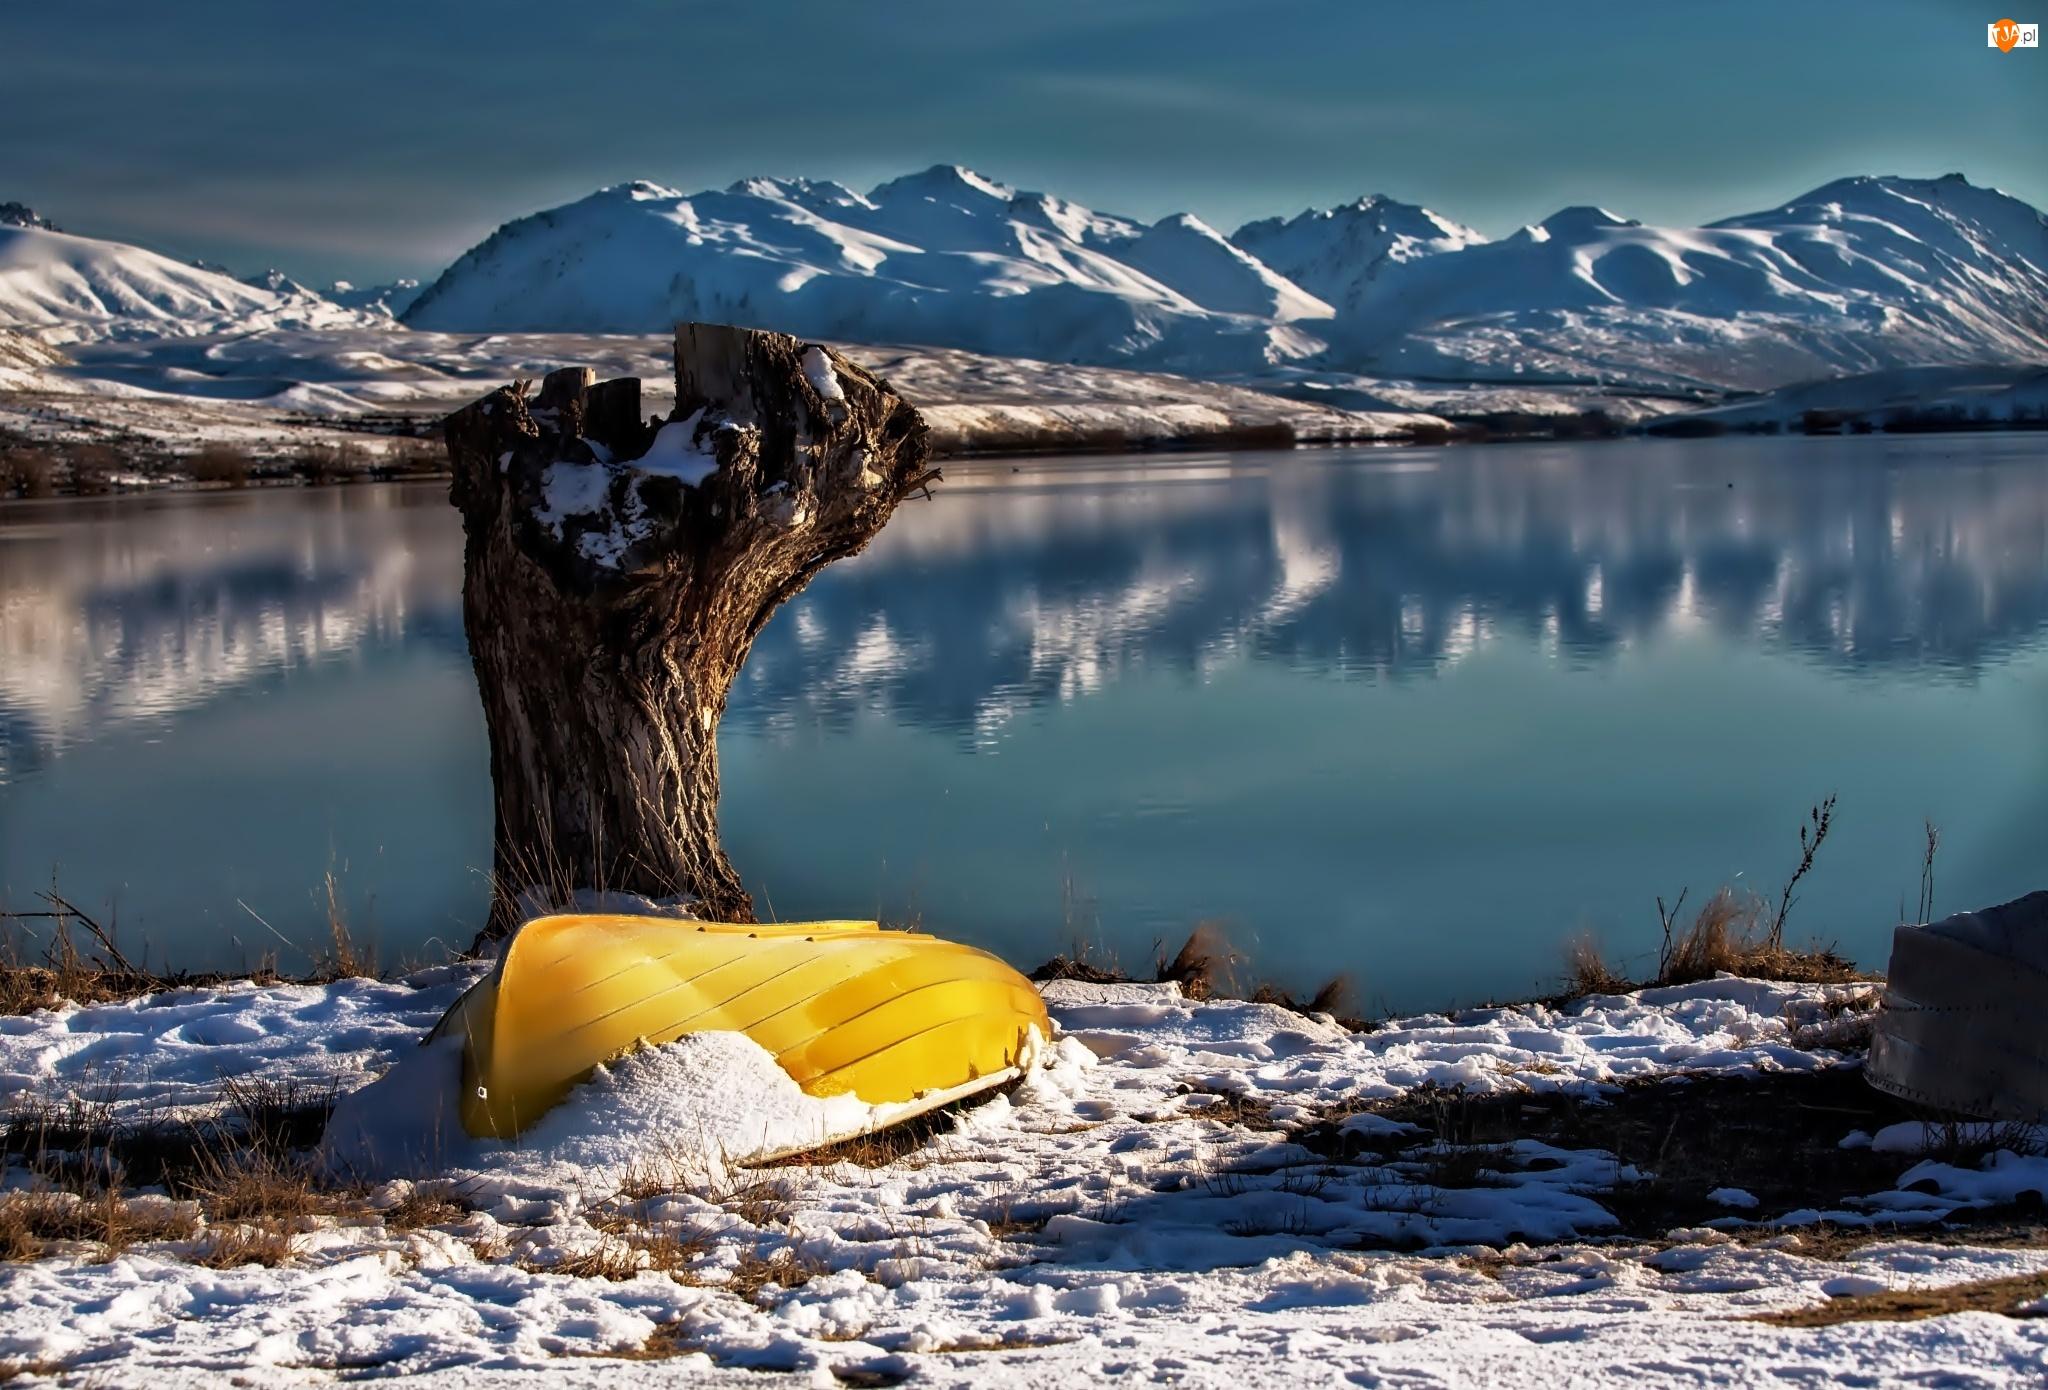 Nowa Zelandia, Zima, Jezioro, Góry, Łódka